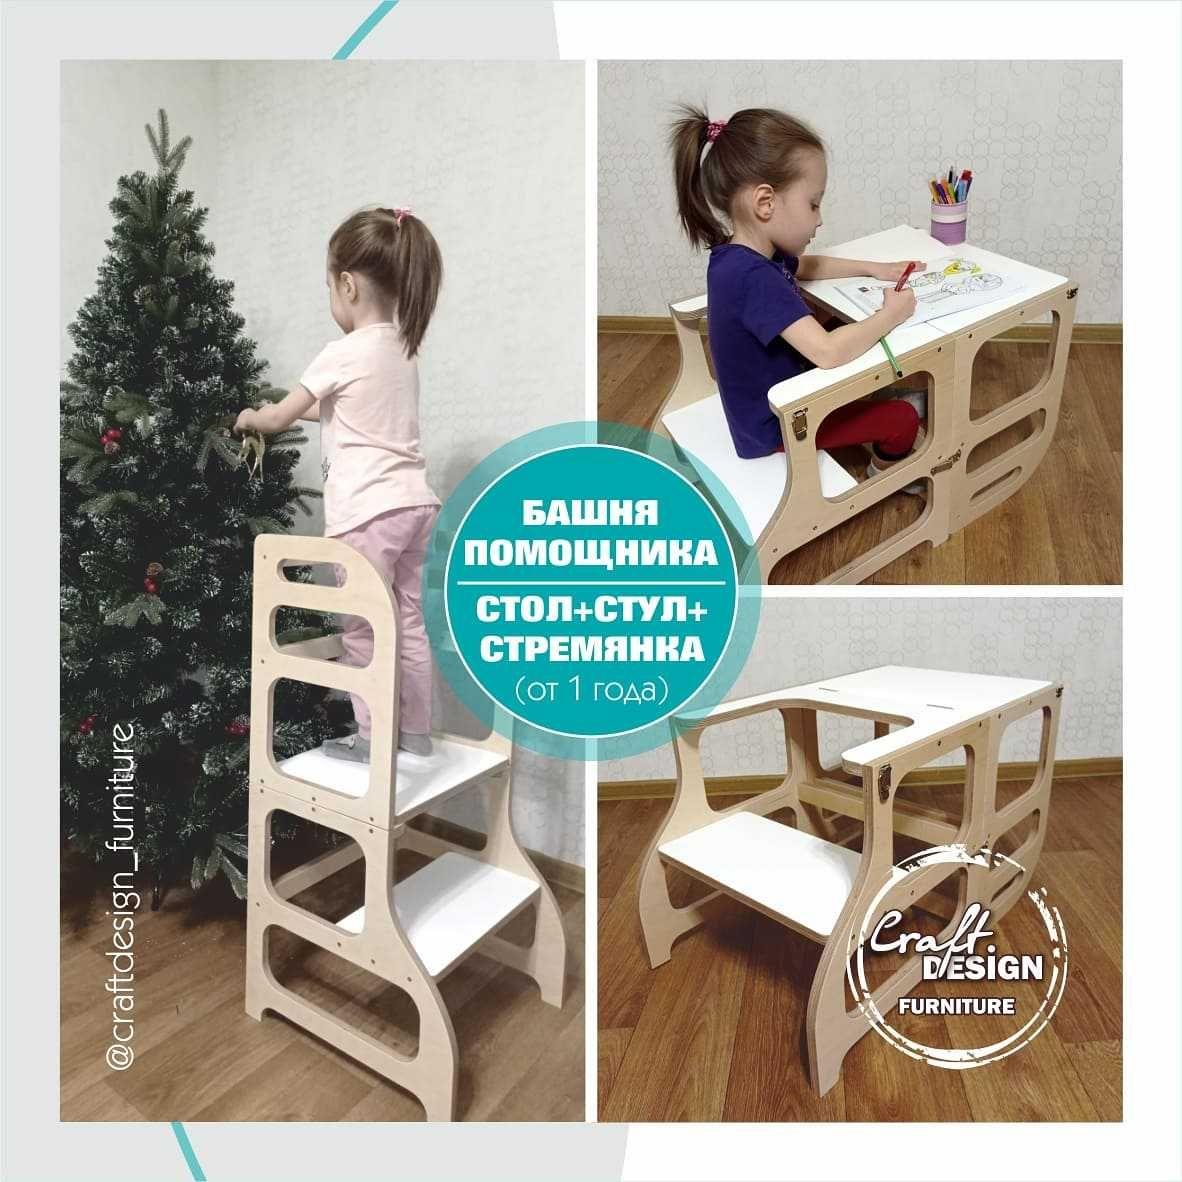 Детский стульчик 3 в 1 (Башня Монтессори) Стол+Стул+Стремянка